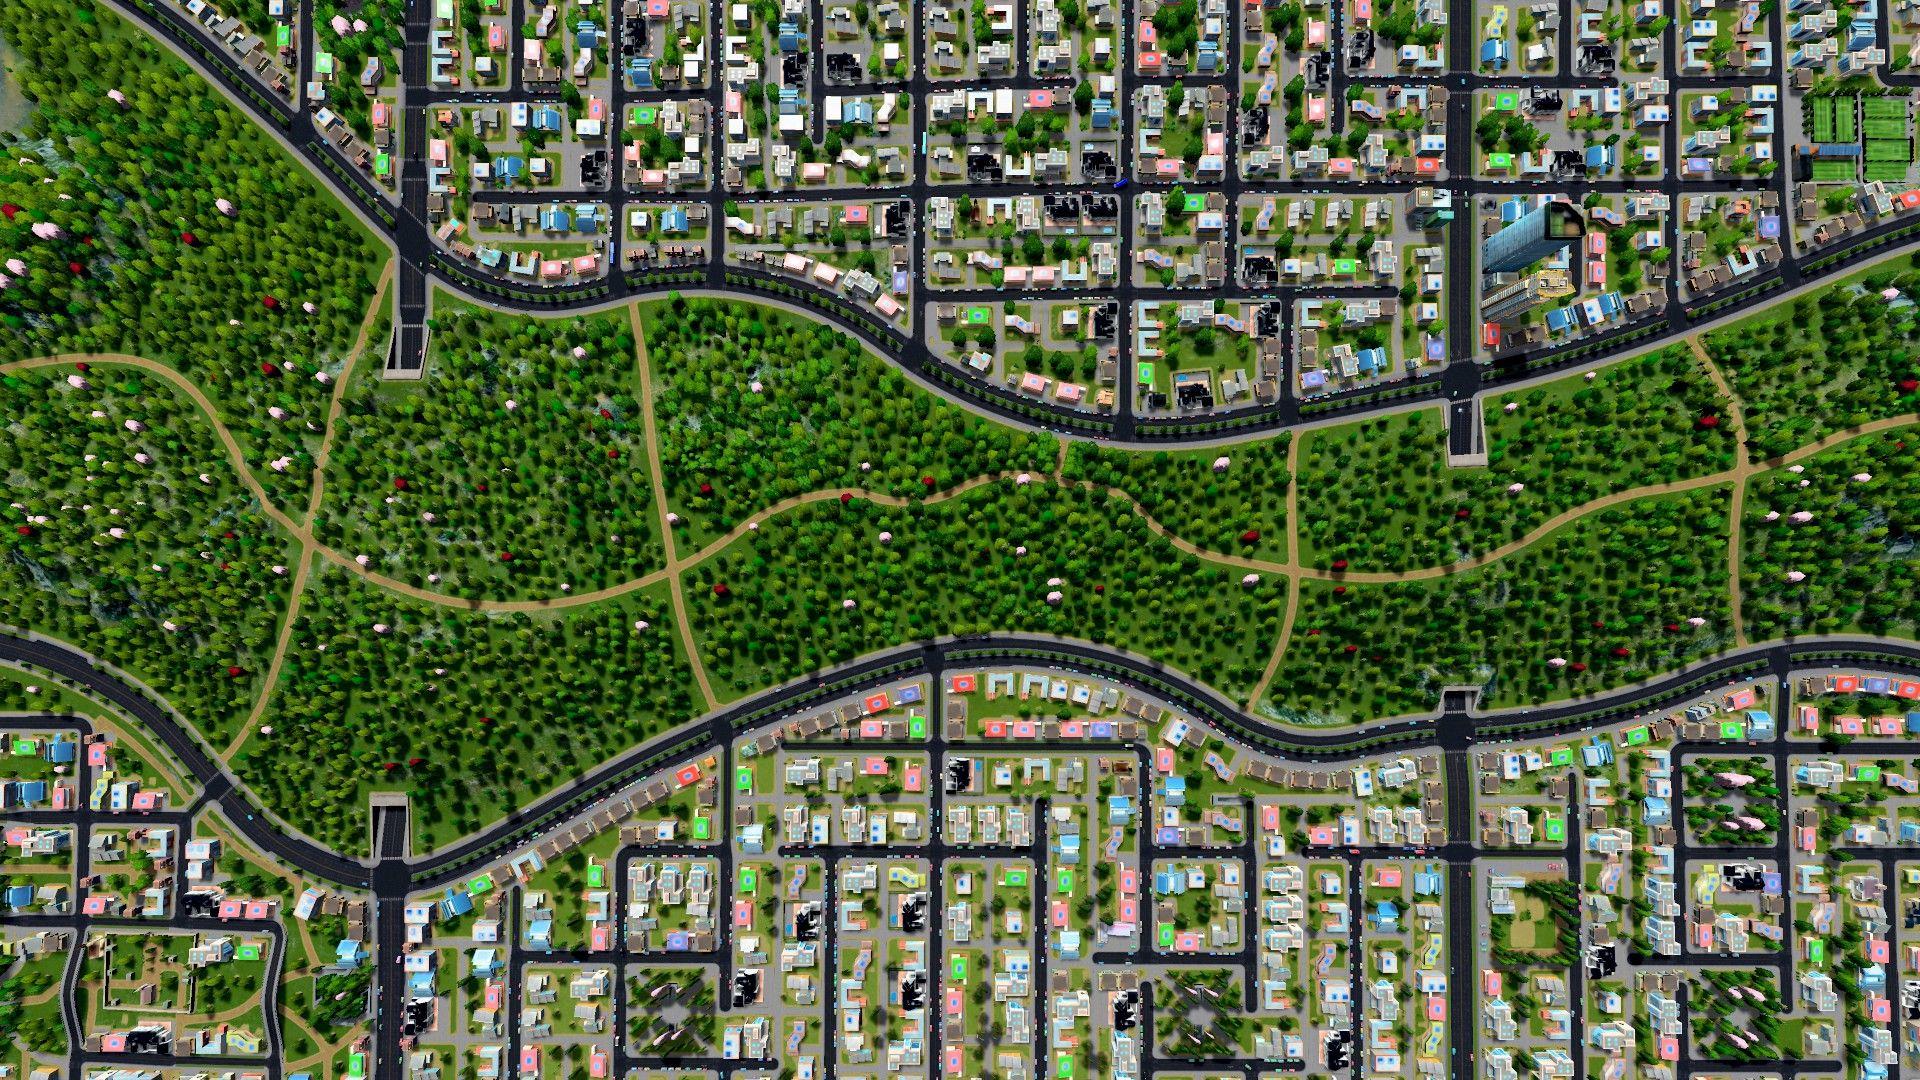 Pin by Олег Феньков on MMAC | City grid, City, Skyline